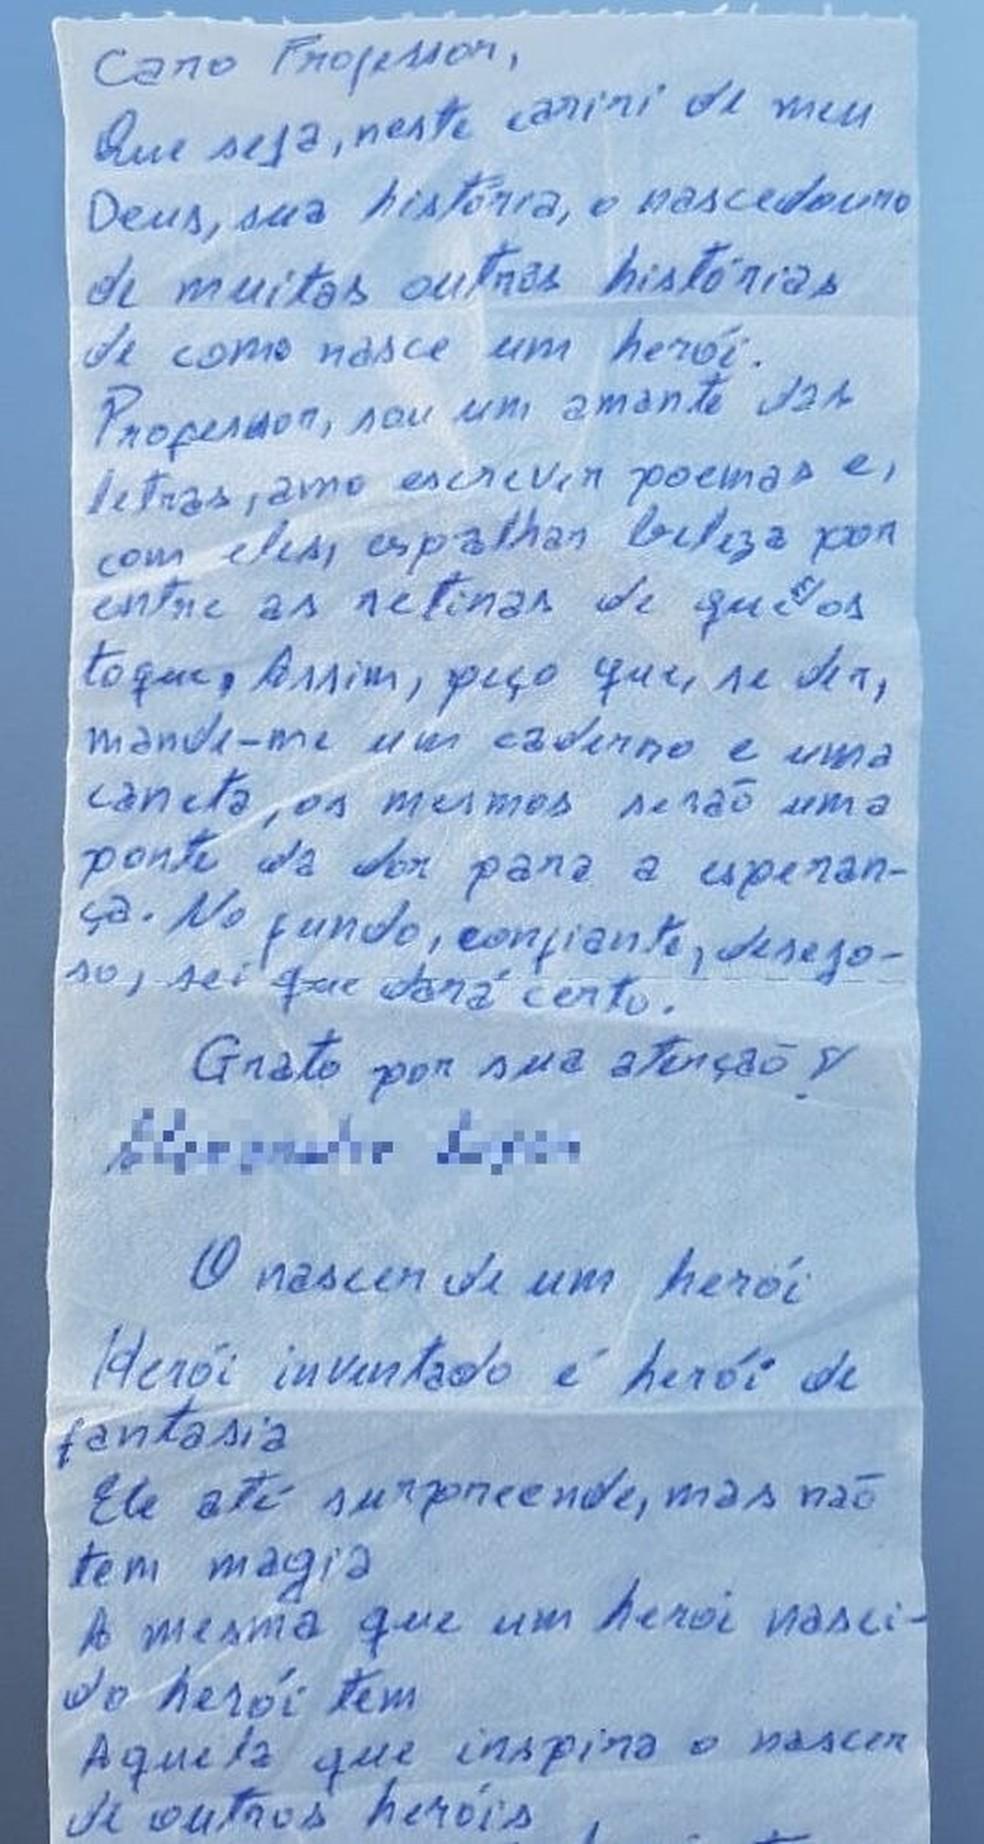 Detento escreve em papel higiência poema e carta com pedido de papel e caneta — Foto: Arquivo pessoal